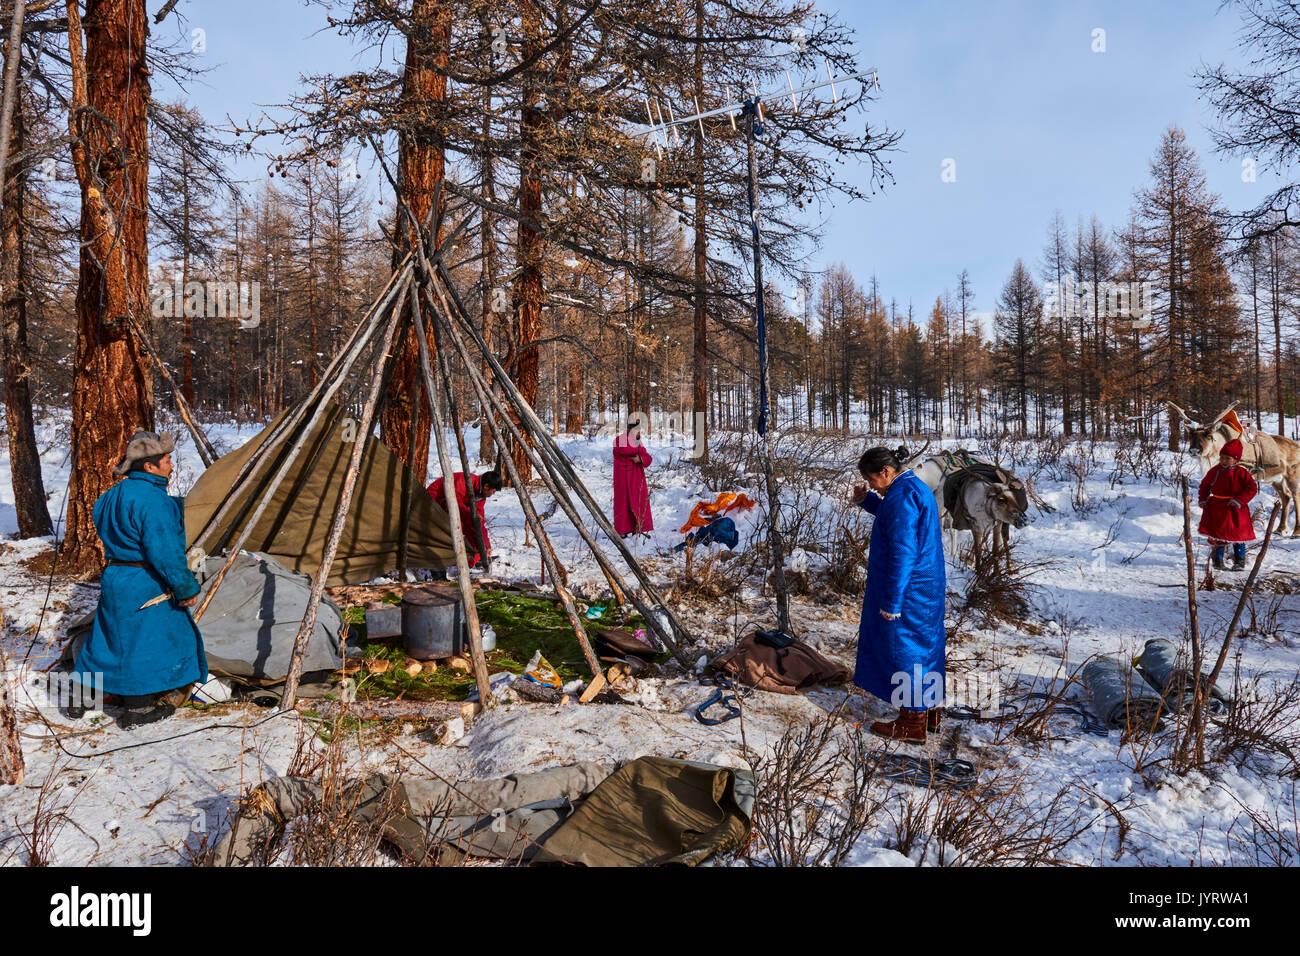 Mongolia, Khovsgol provincia, Tsaatan, renne Herder, il Winter Camp, Ganbat la famiglia sta preparando la transumanza invernale Immagini Stock